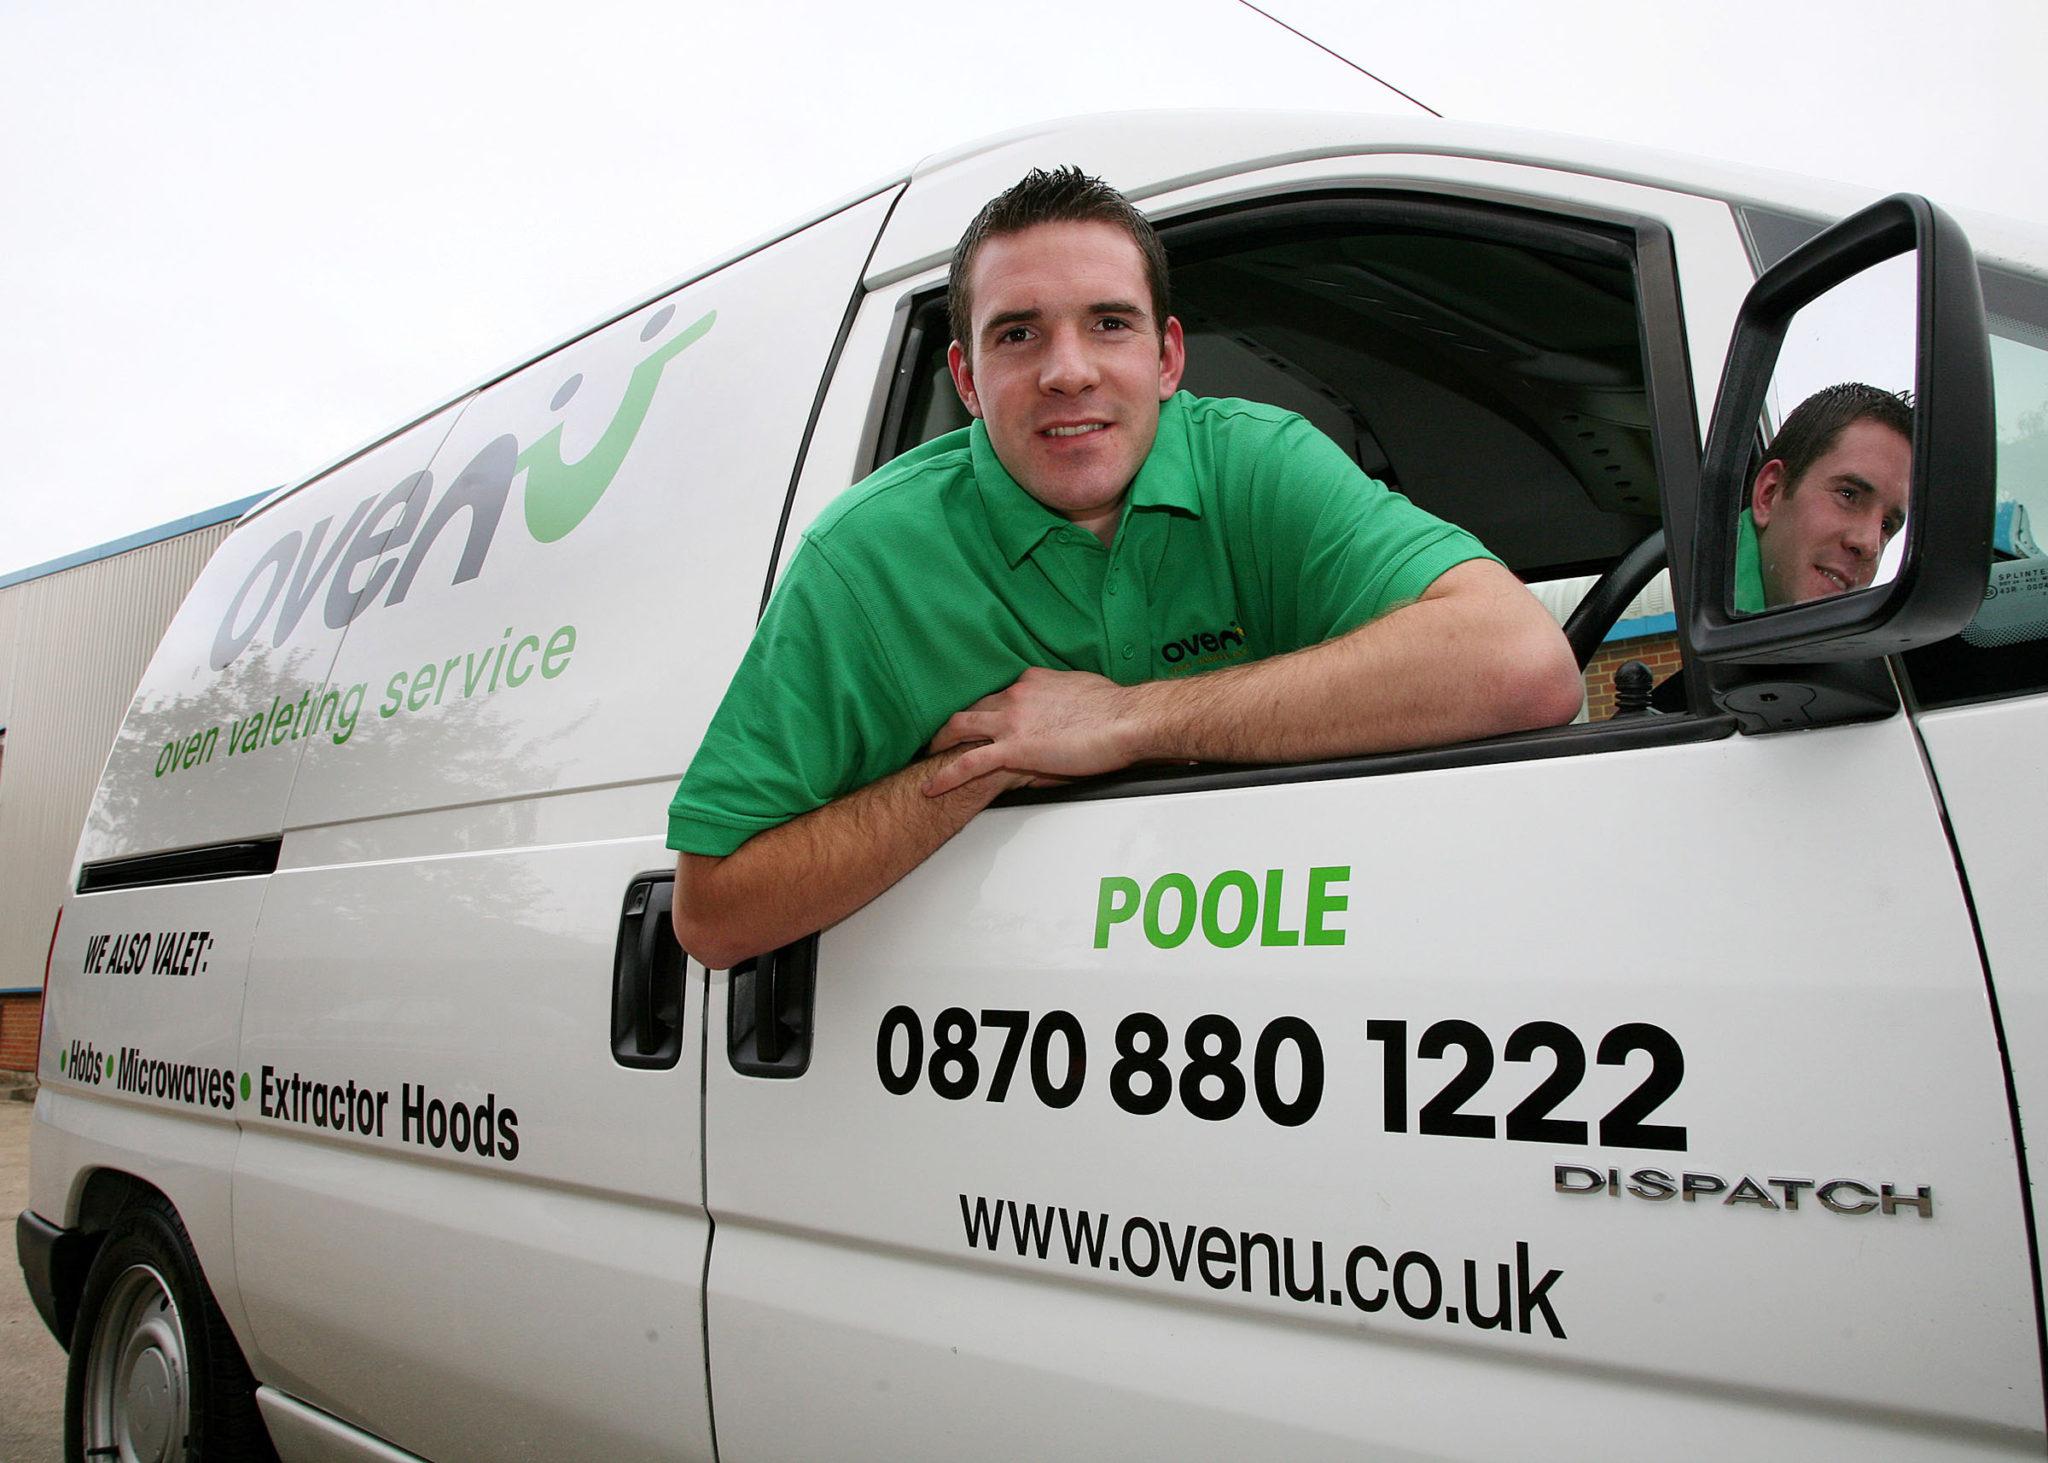 Rob Shand - Ovenu (Bournemouth & Poole)